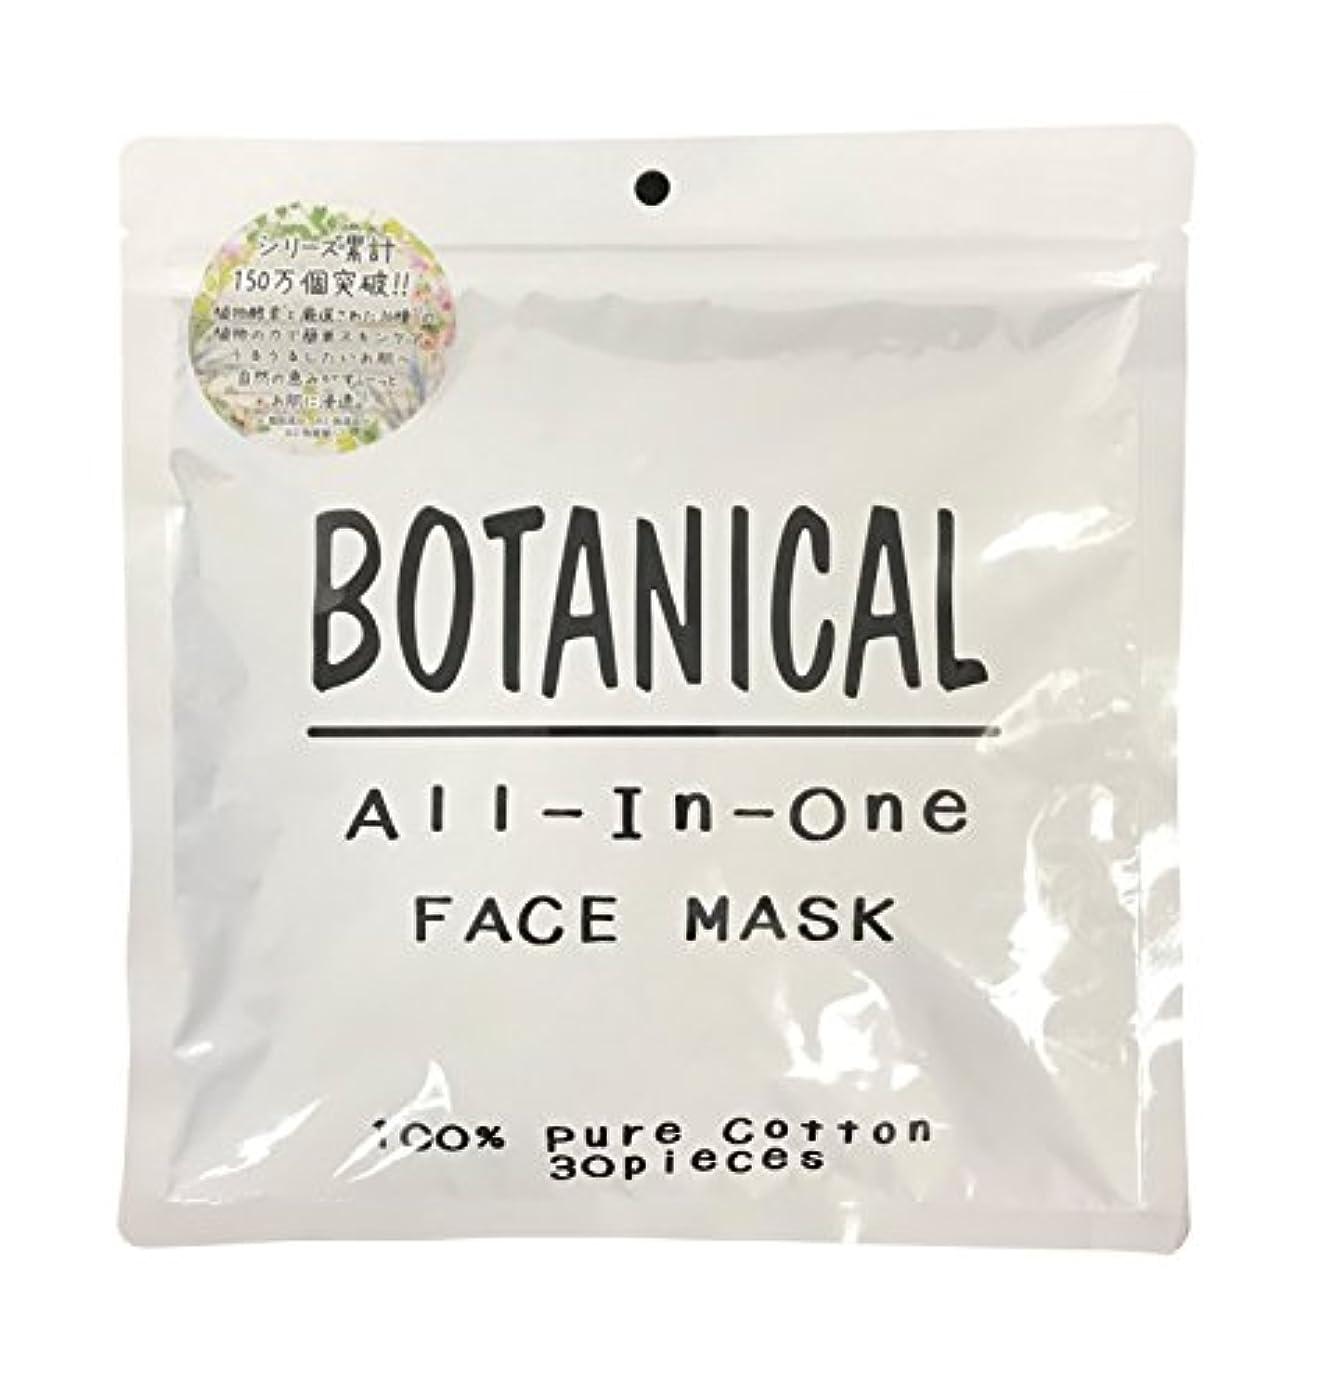 株式会社ピービッシュ製造ボタニカル(BOTANICAL) オールインワン フェイスマスク 30枚入